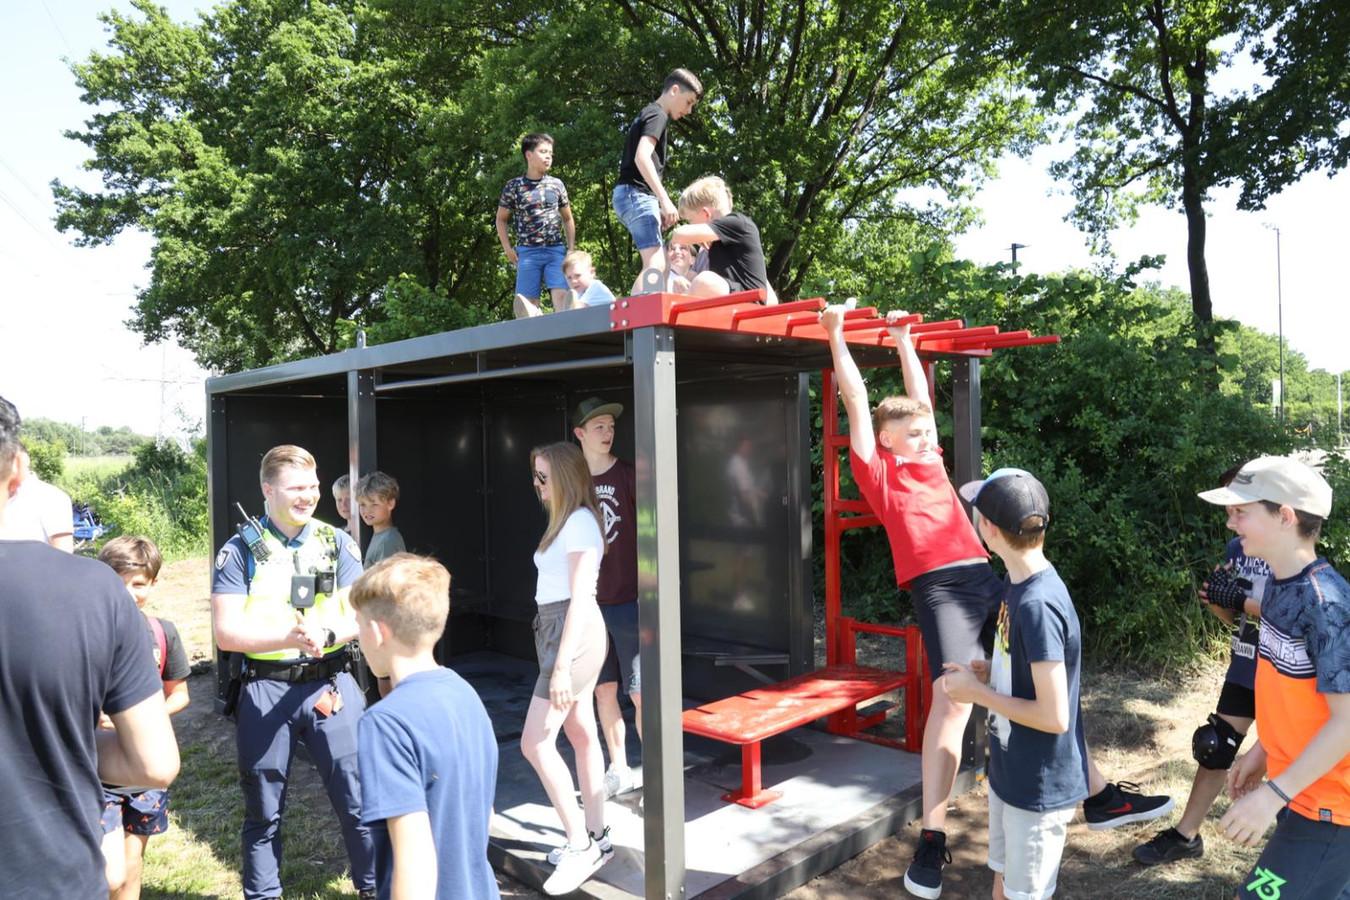 De jeugd neemt een van de nieuwe mobiele hangplekken in Brandevoort meteen in bezit.